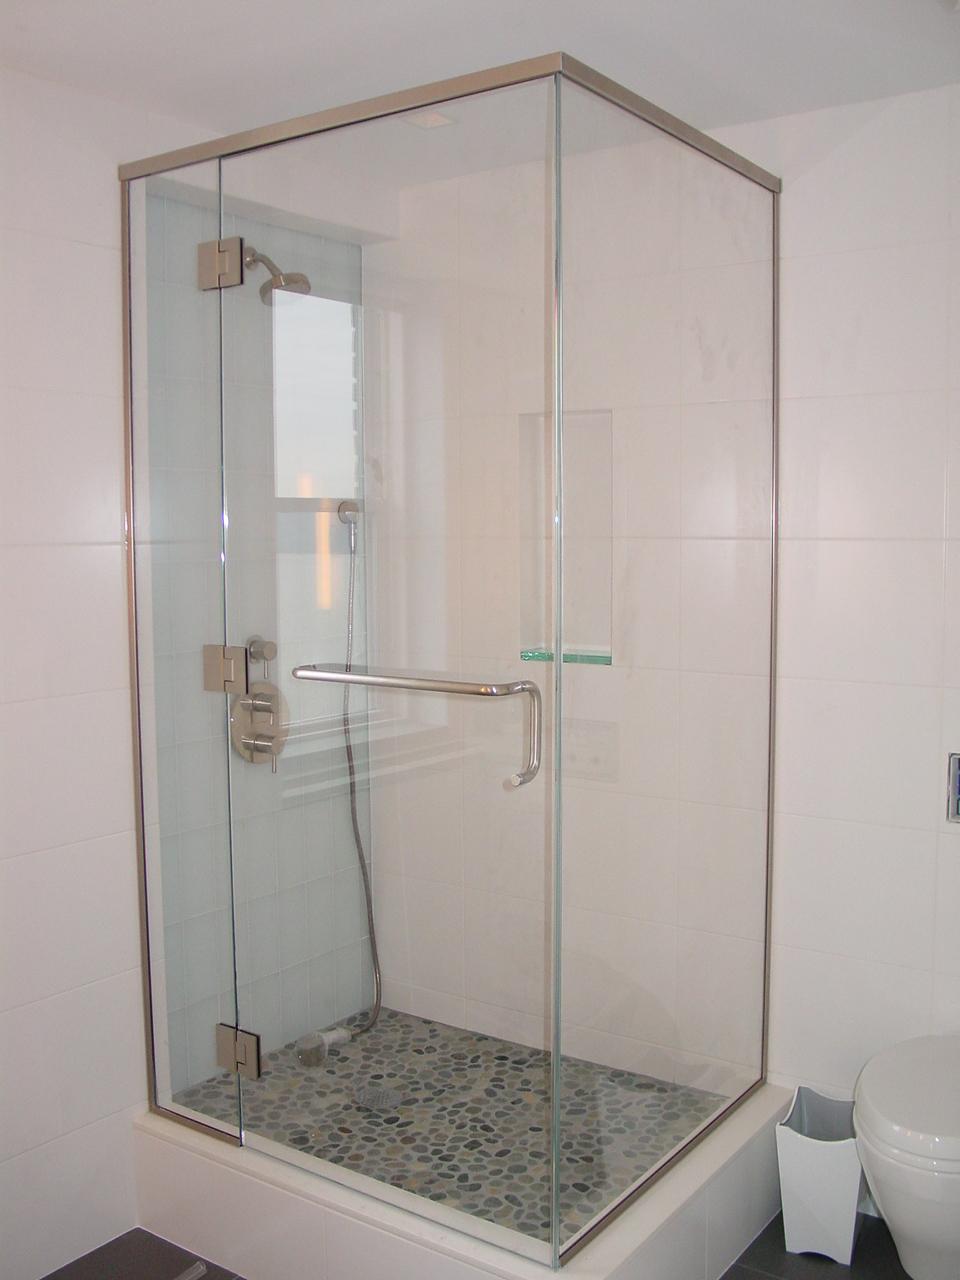 Stylish & Innovative Hunter Douglas Window Treatments in New York, NY